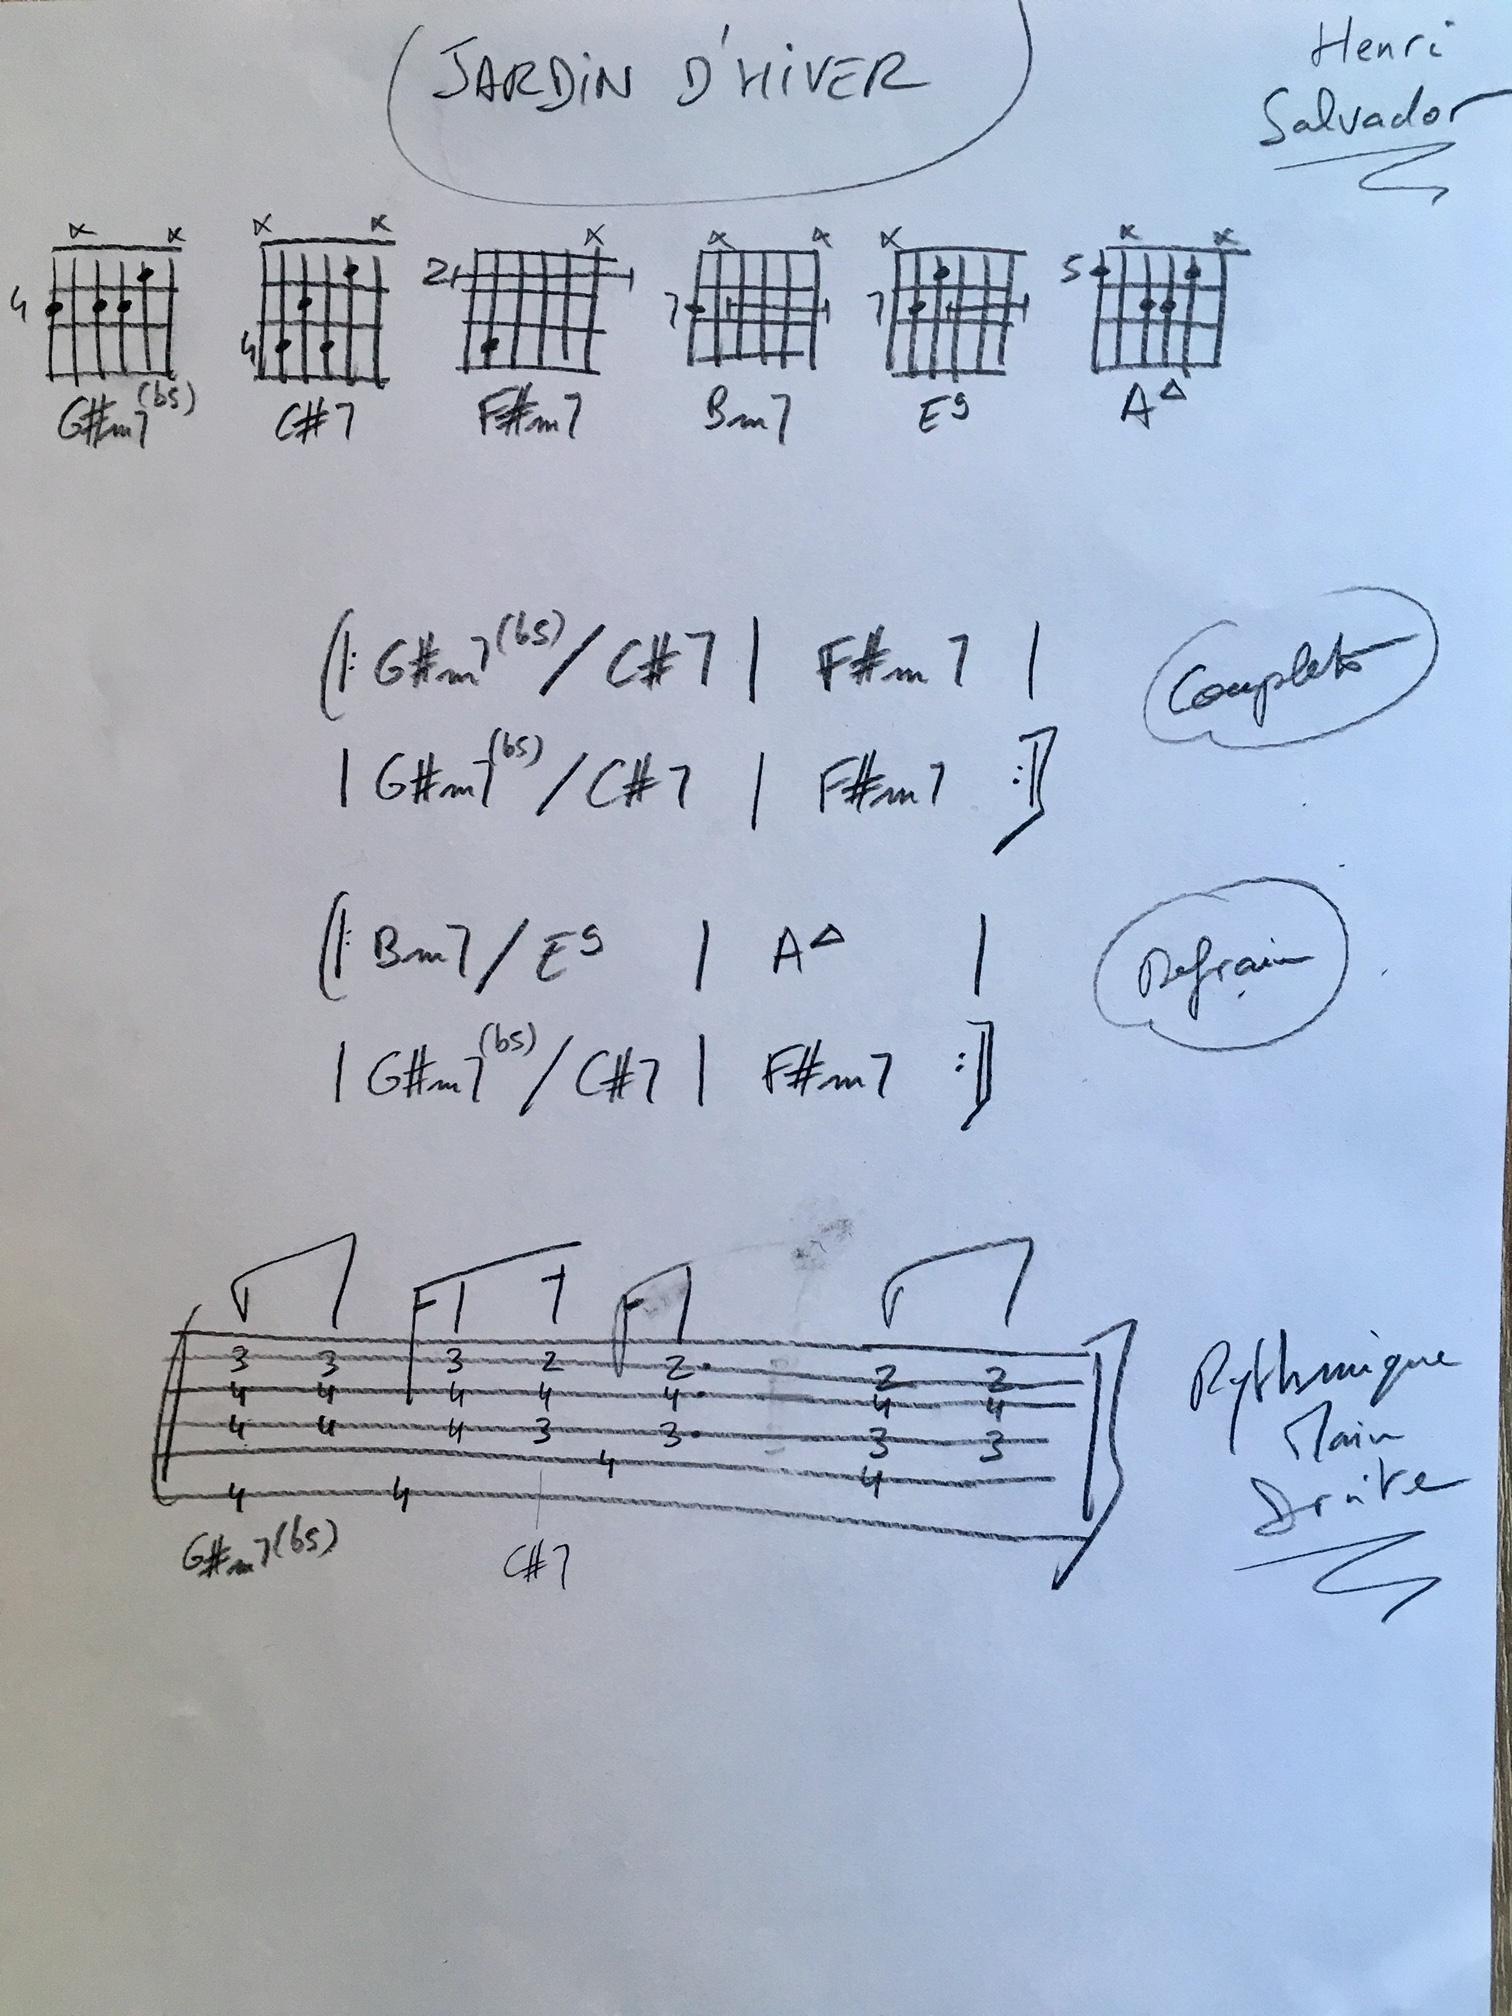 Jardin D Hiver Partoche Guitare Galago Music